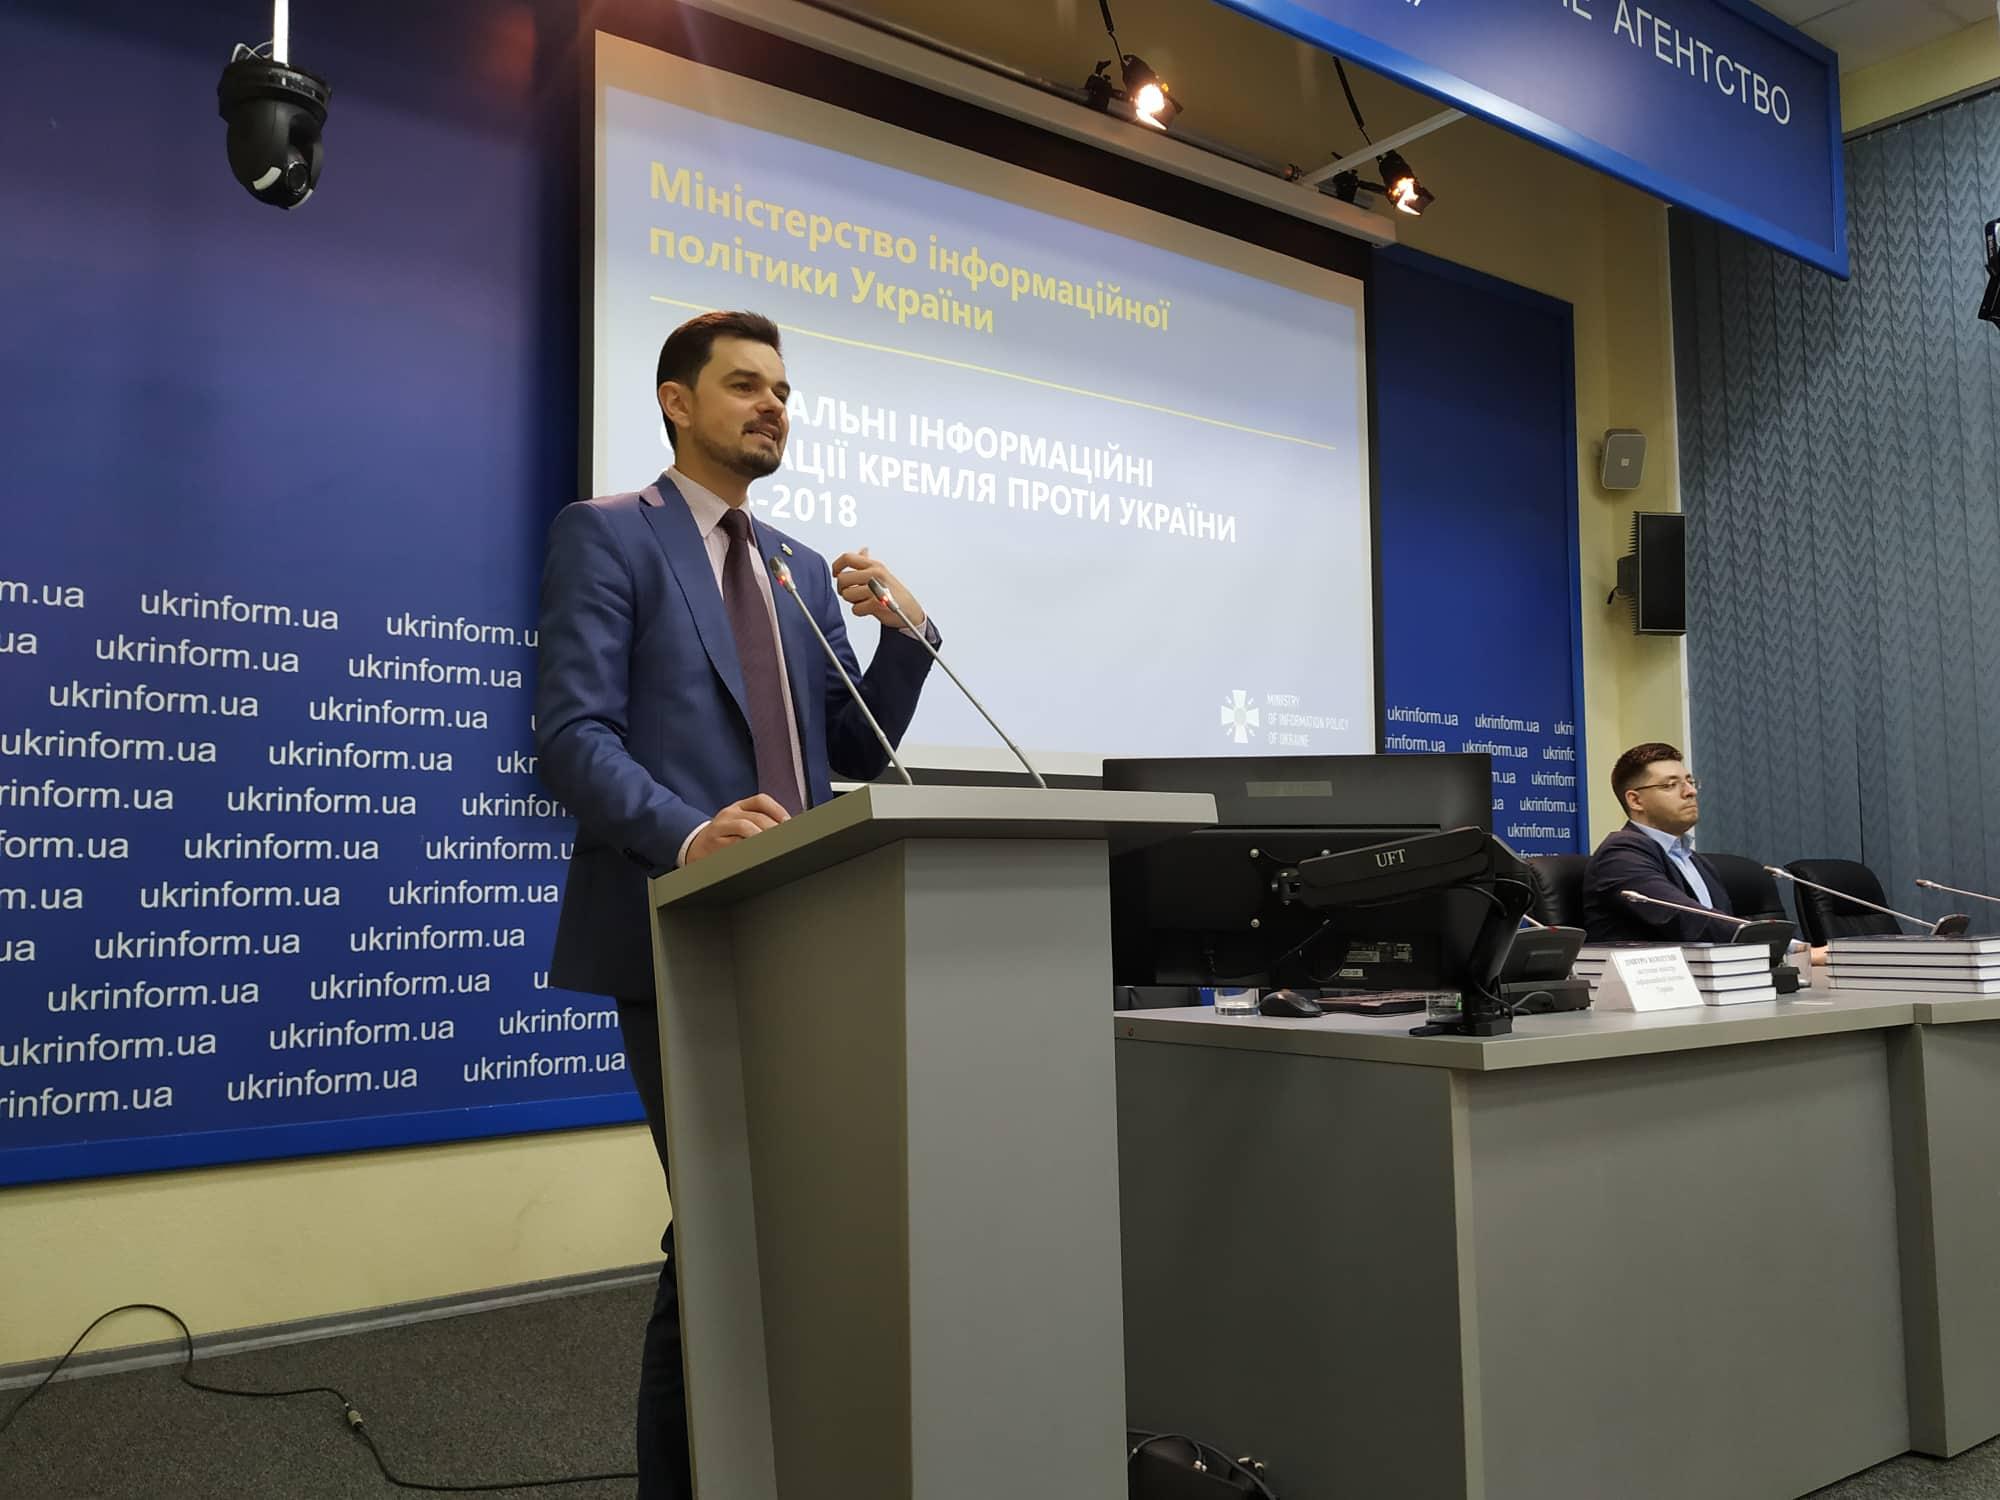 Мининформполитики обещает разобраться с системой «Лентаинформ» как каналом пропаганды Кремля